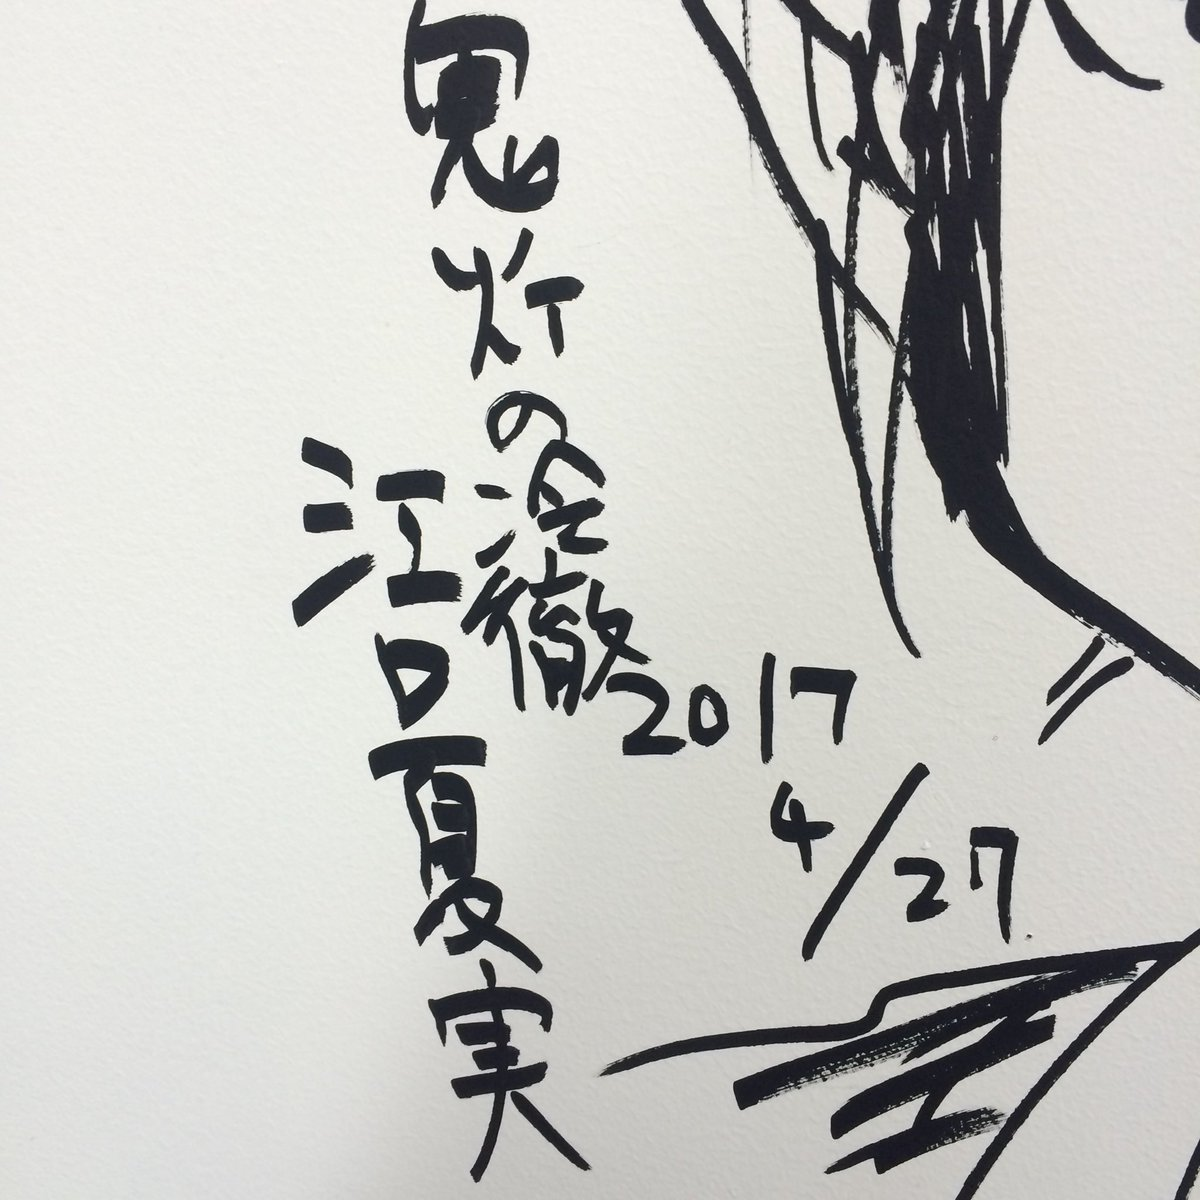 【鬼灯の冷徹 ミニ原画展】6日目速報!江口先生にご来場いただきました!ブックマーク浅草橋名物のキャンバスウォールにサイン